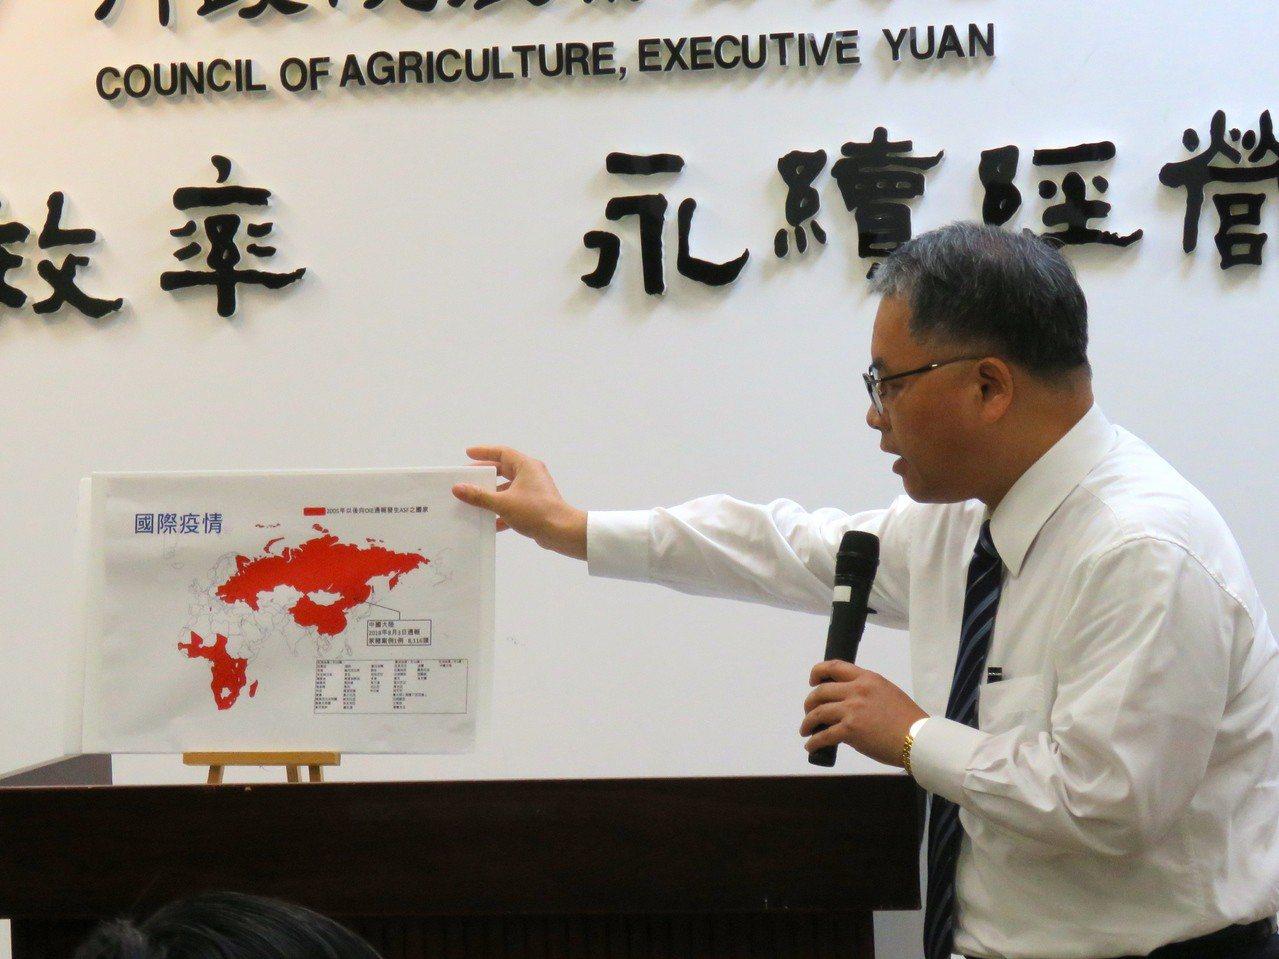 農委會防檢局副局長施泰華說明非洲豬瘟的傳播狀況。記者雷光涵/攝影